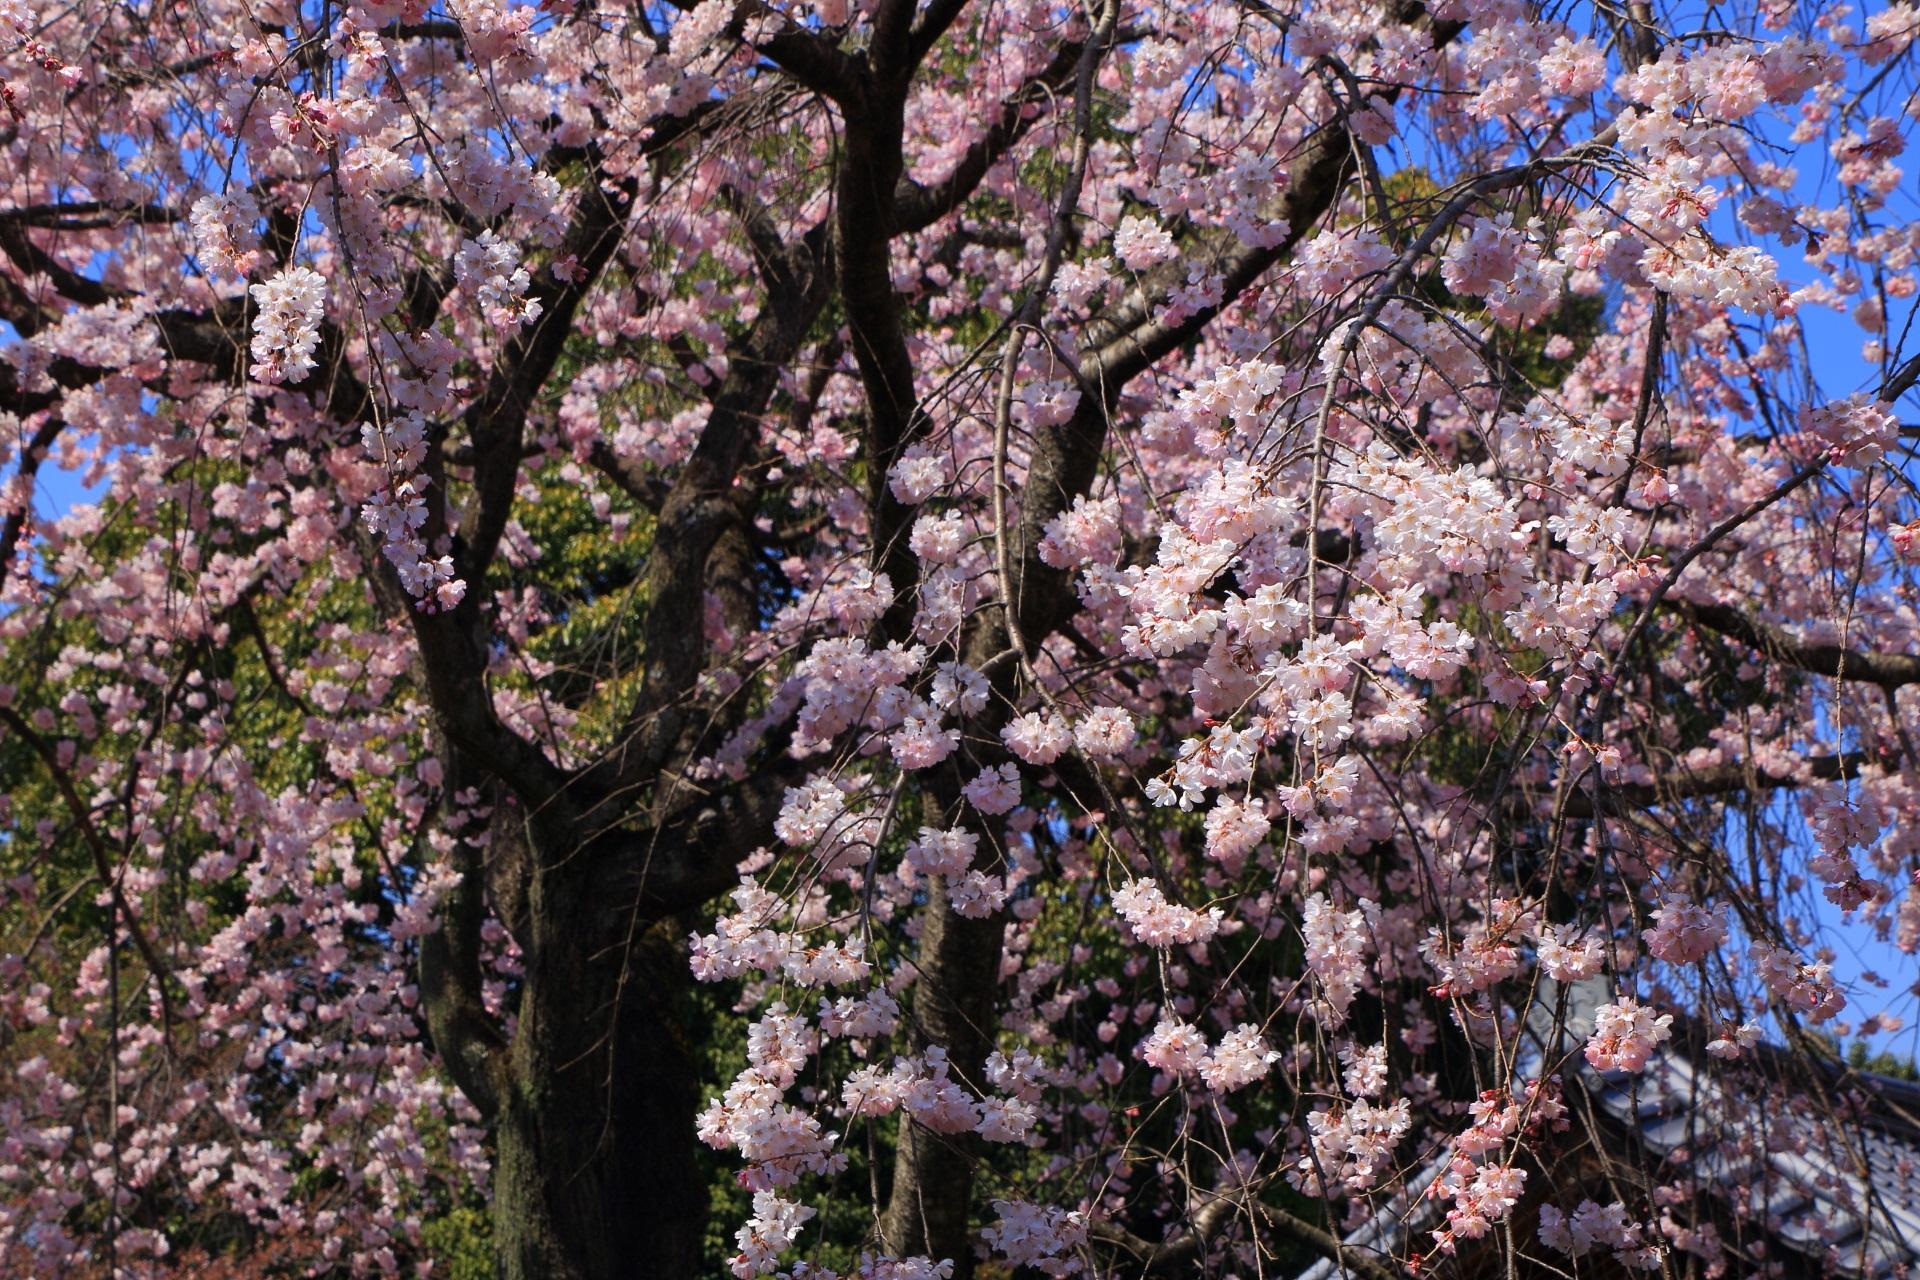 青空に映える満開のピンクの桜